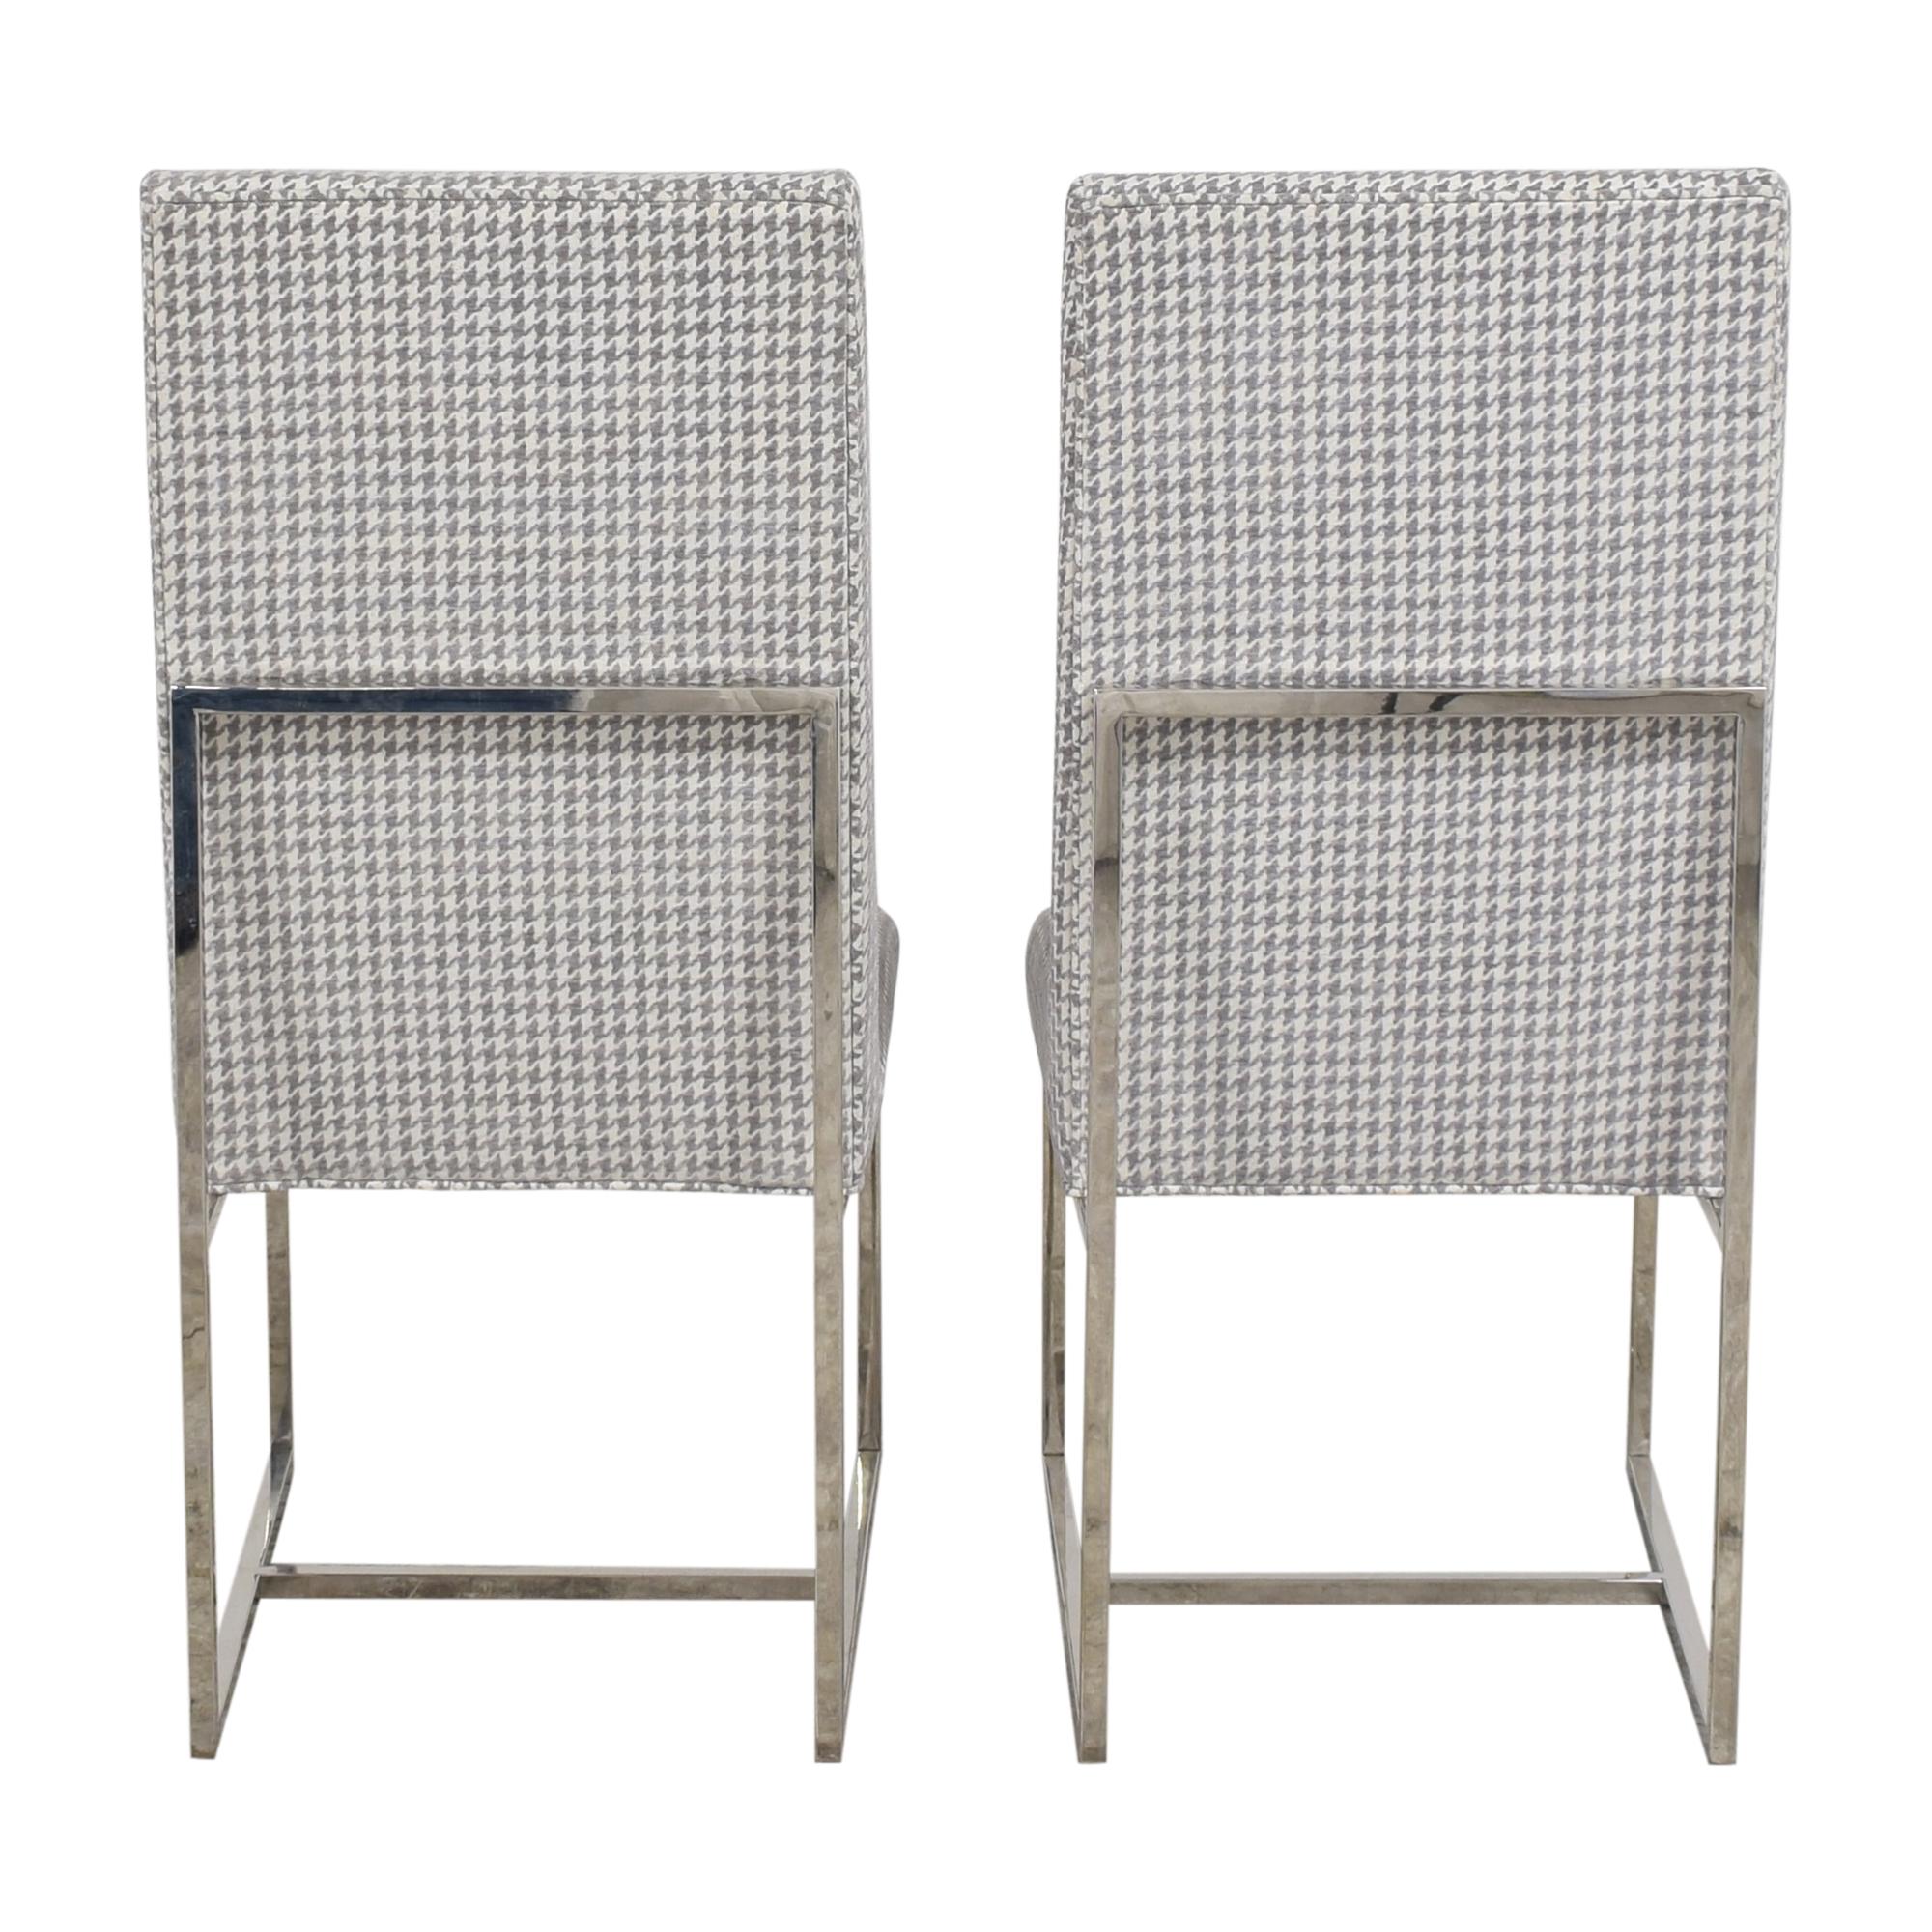 Mitchell Gold + Bob Williams Mitchell Gold + Bob Williams Gage Tall Dining Chairs nj